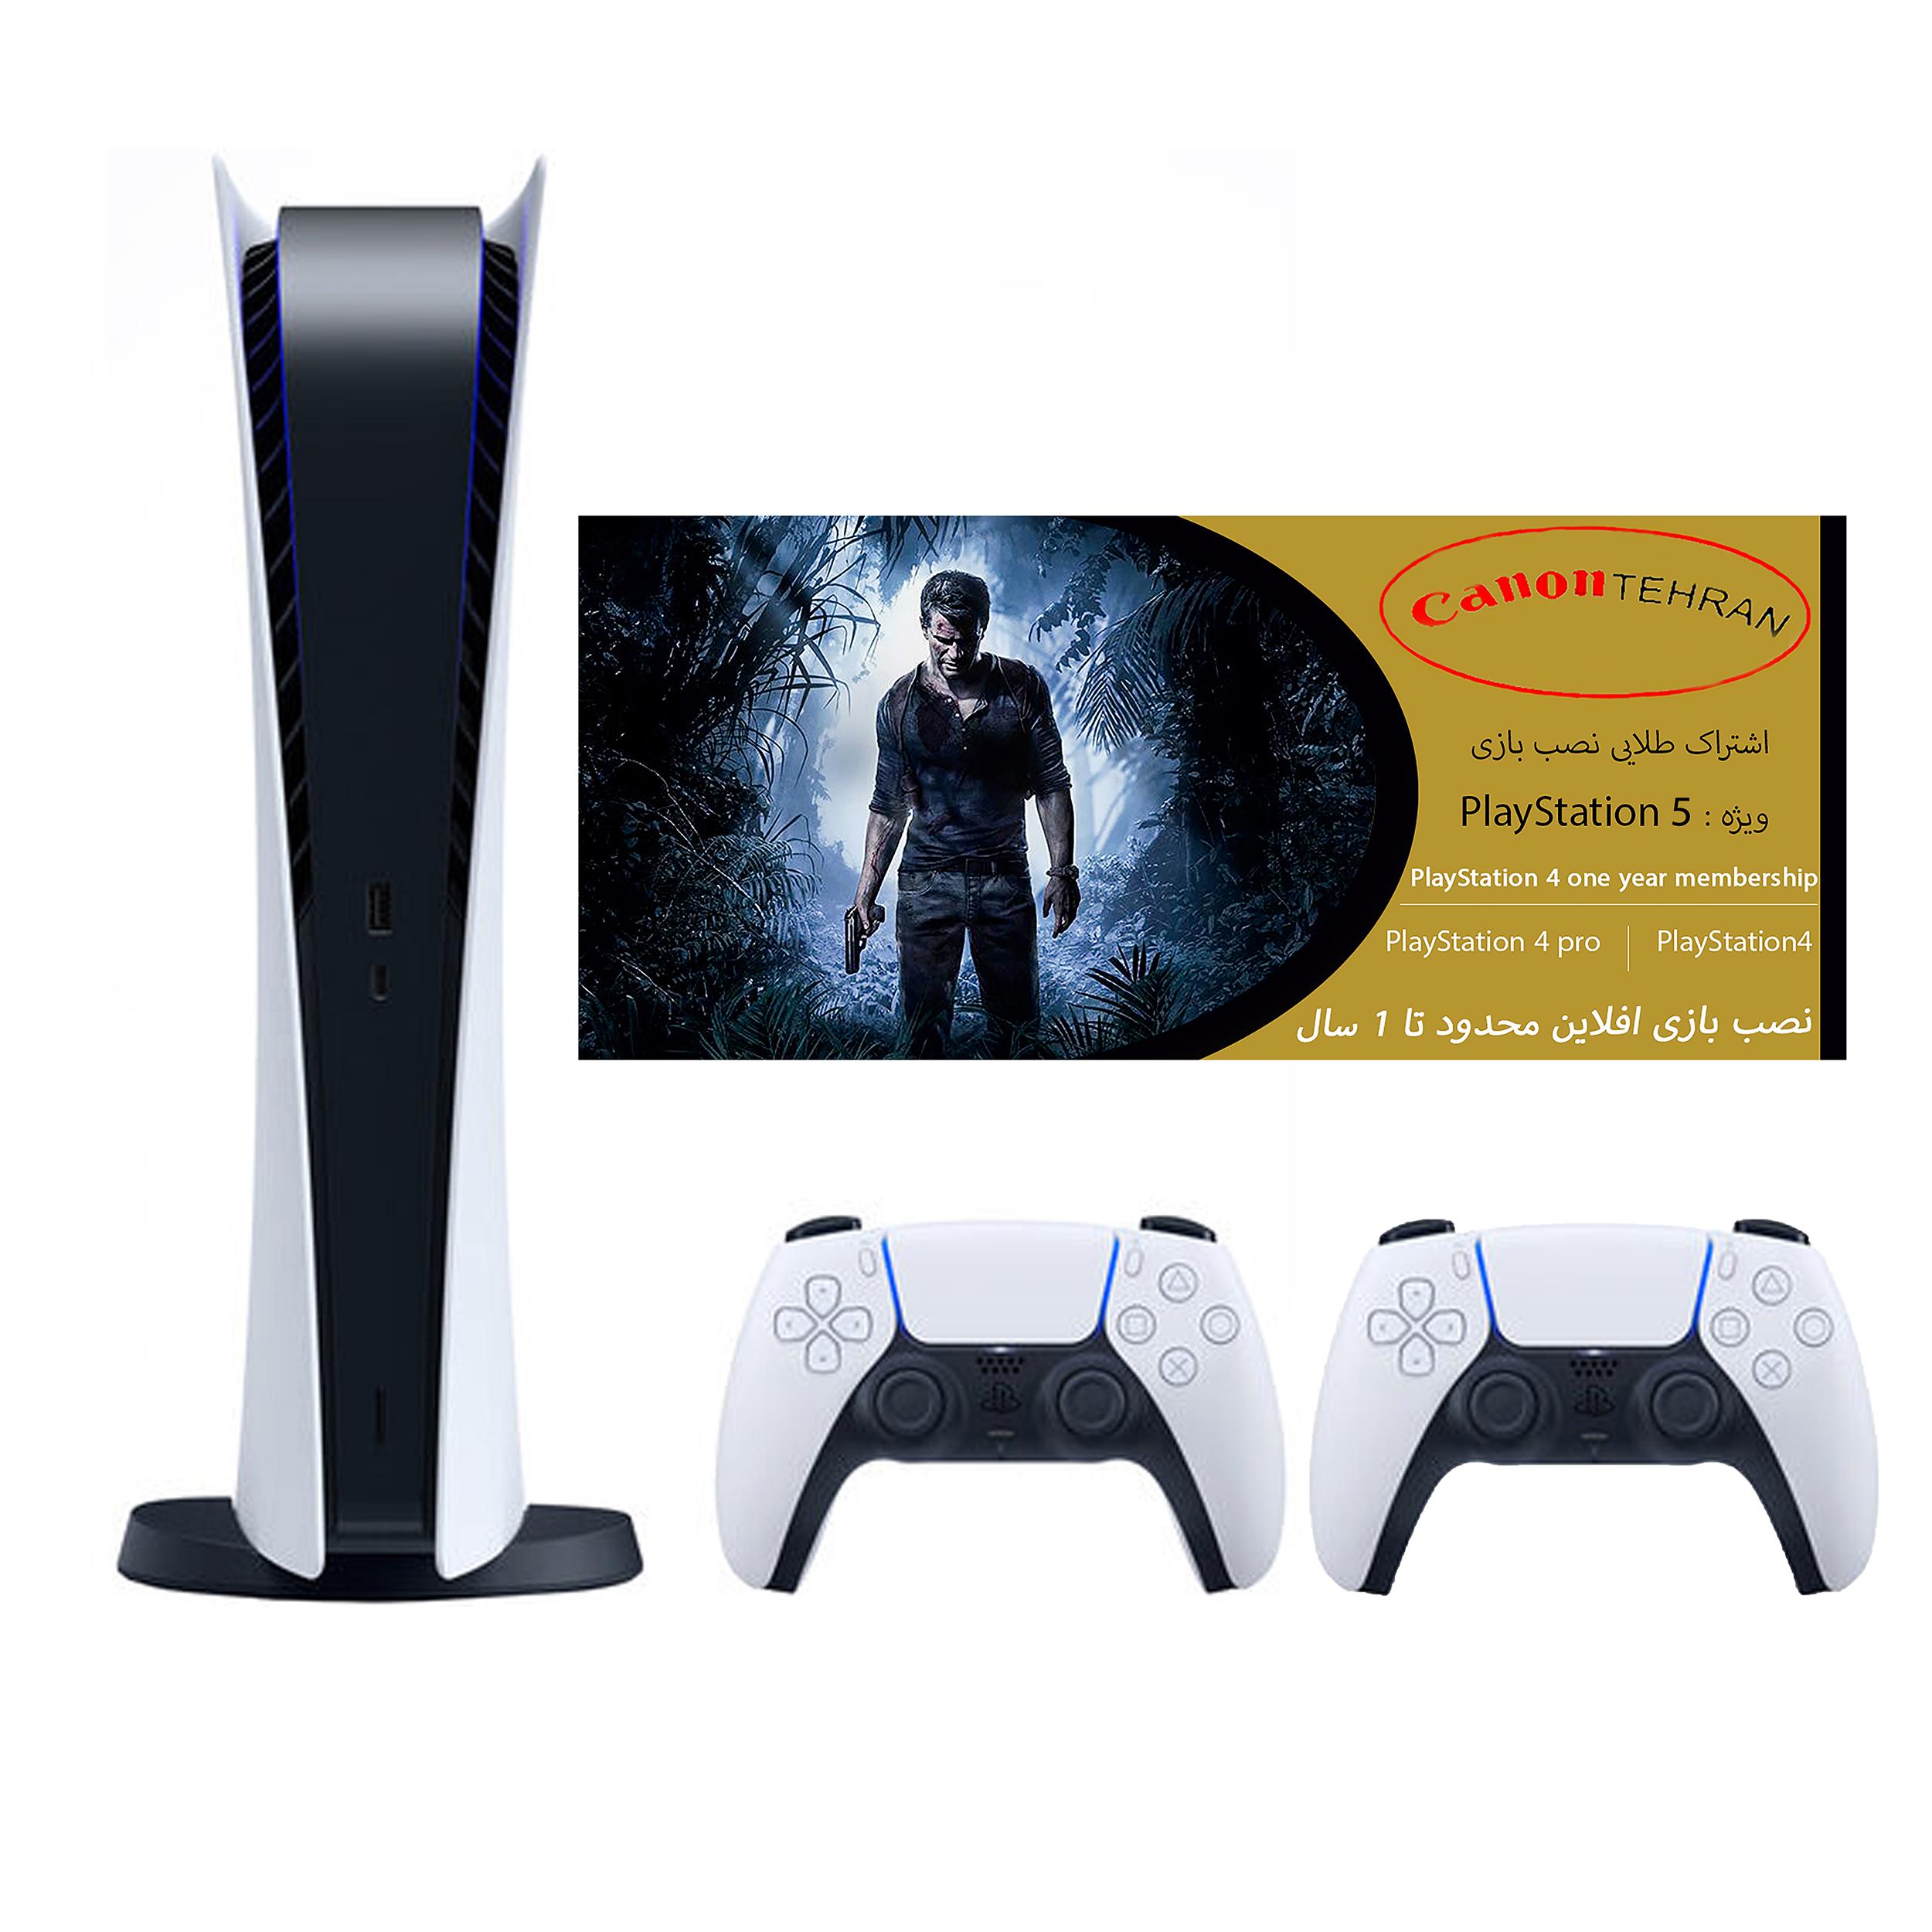 مجموعه کنسول بازی سونی مدل PlayStatio 5 Digital Edition ظرفیت 825 گیگابایت به همراه کارت اشتراک طلایی نصب بازی ودسته اضافی